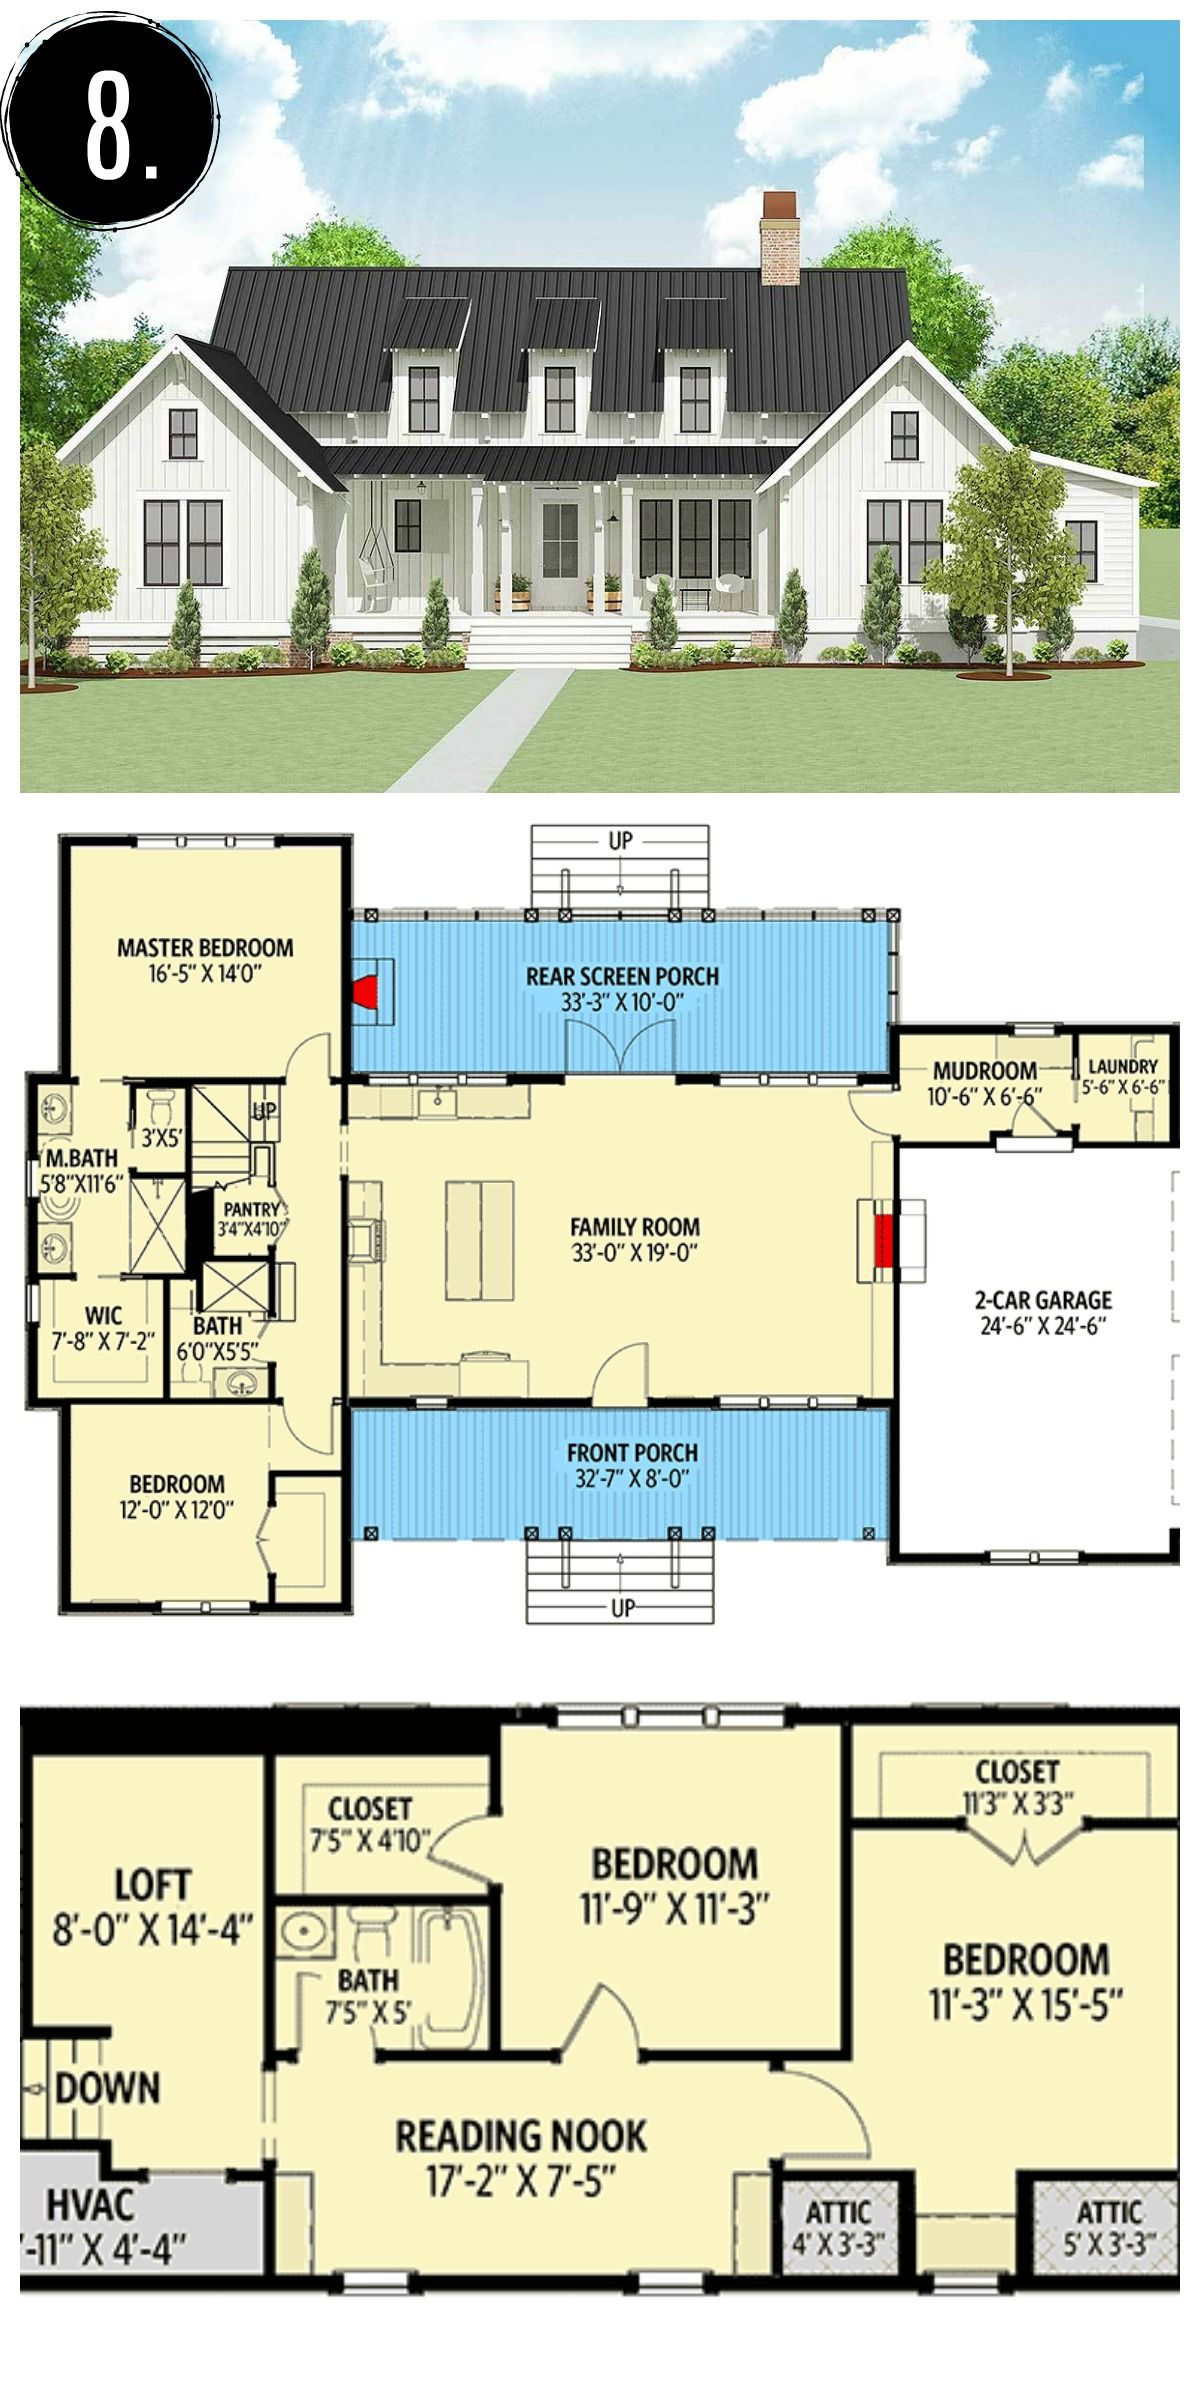 17+ Farmhouse plans ideas